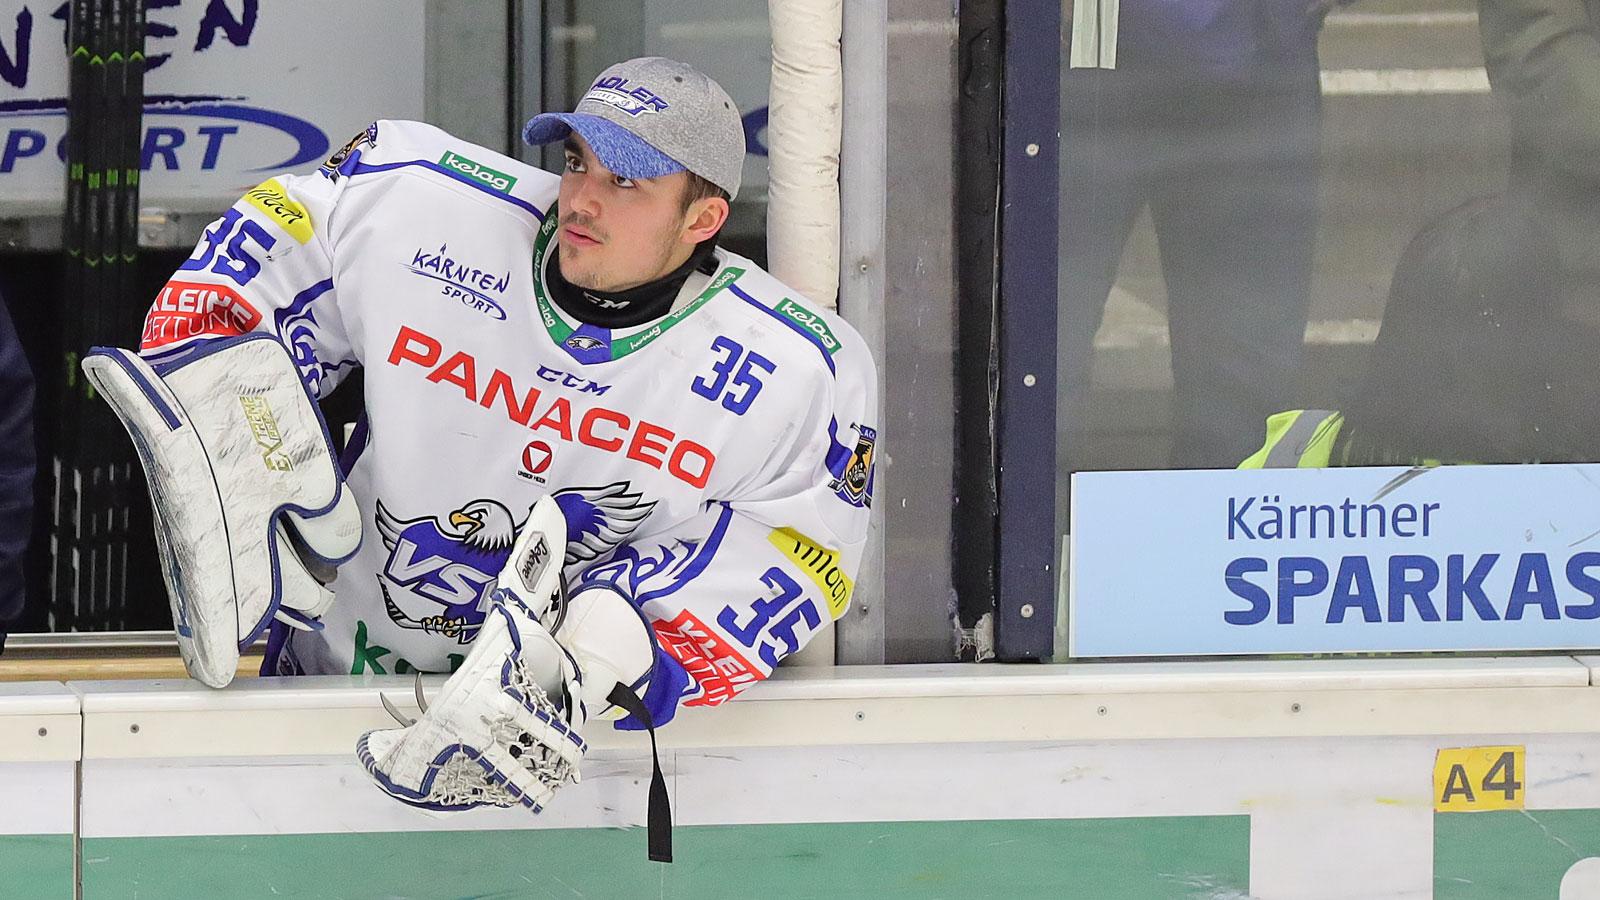 Alexander Schmidt EC Panaceo VSV